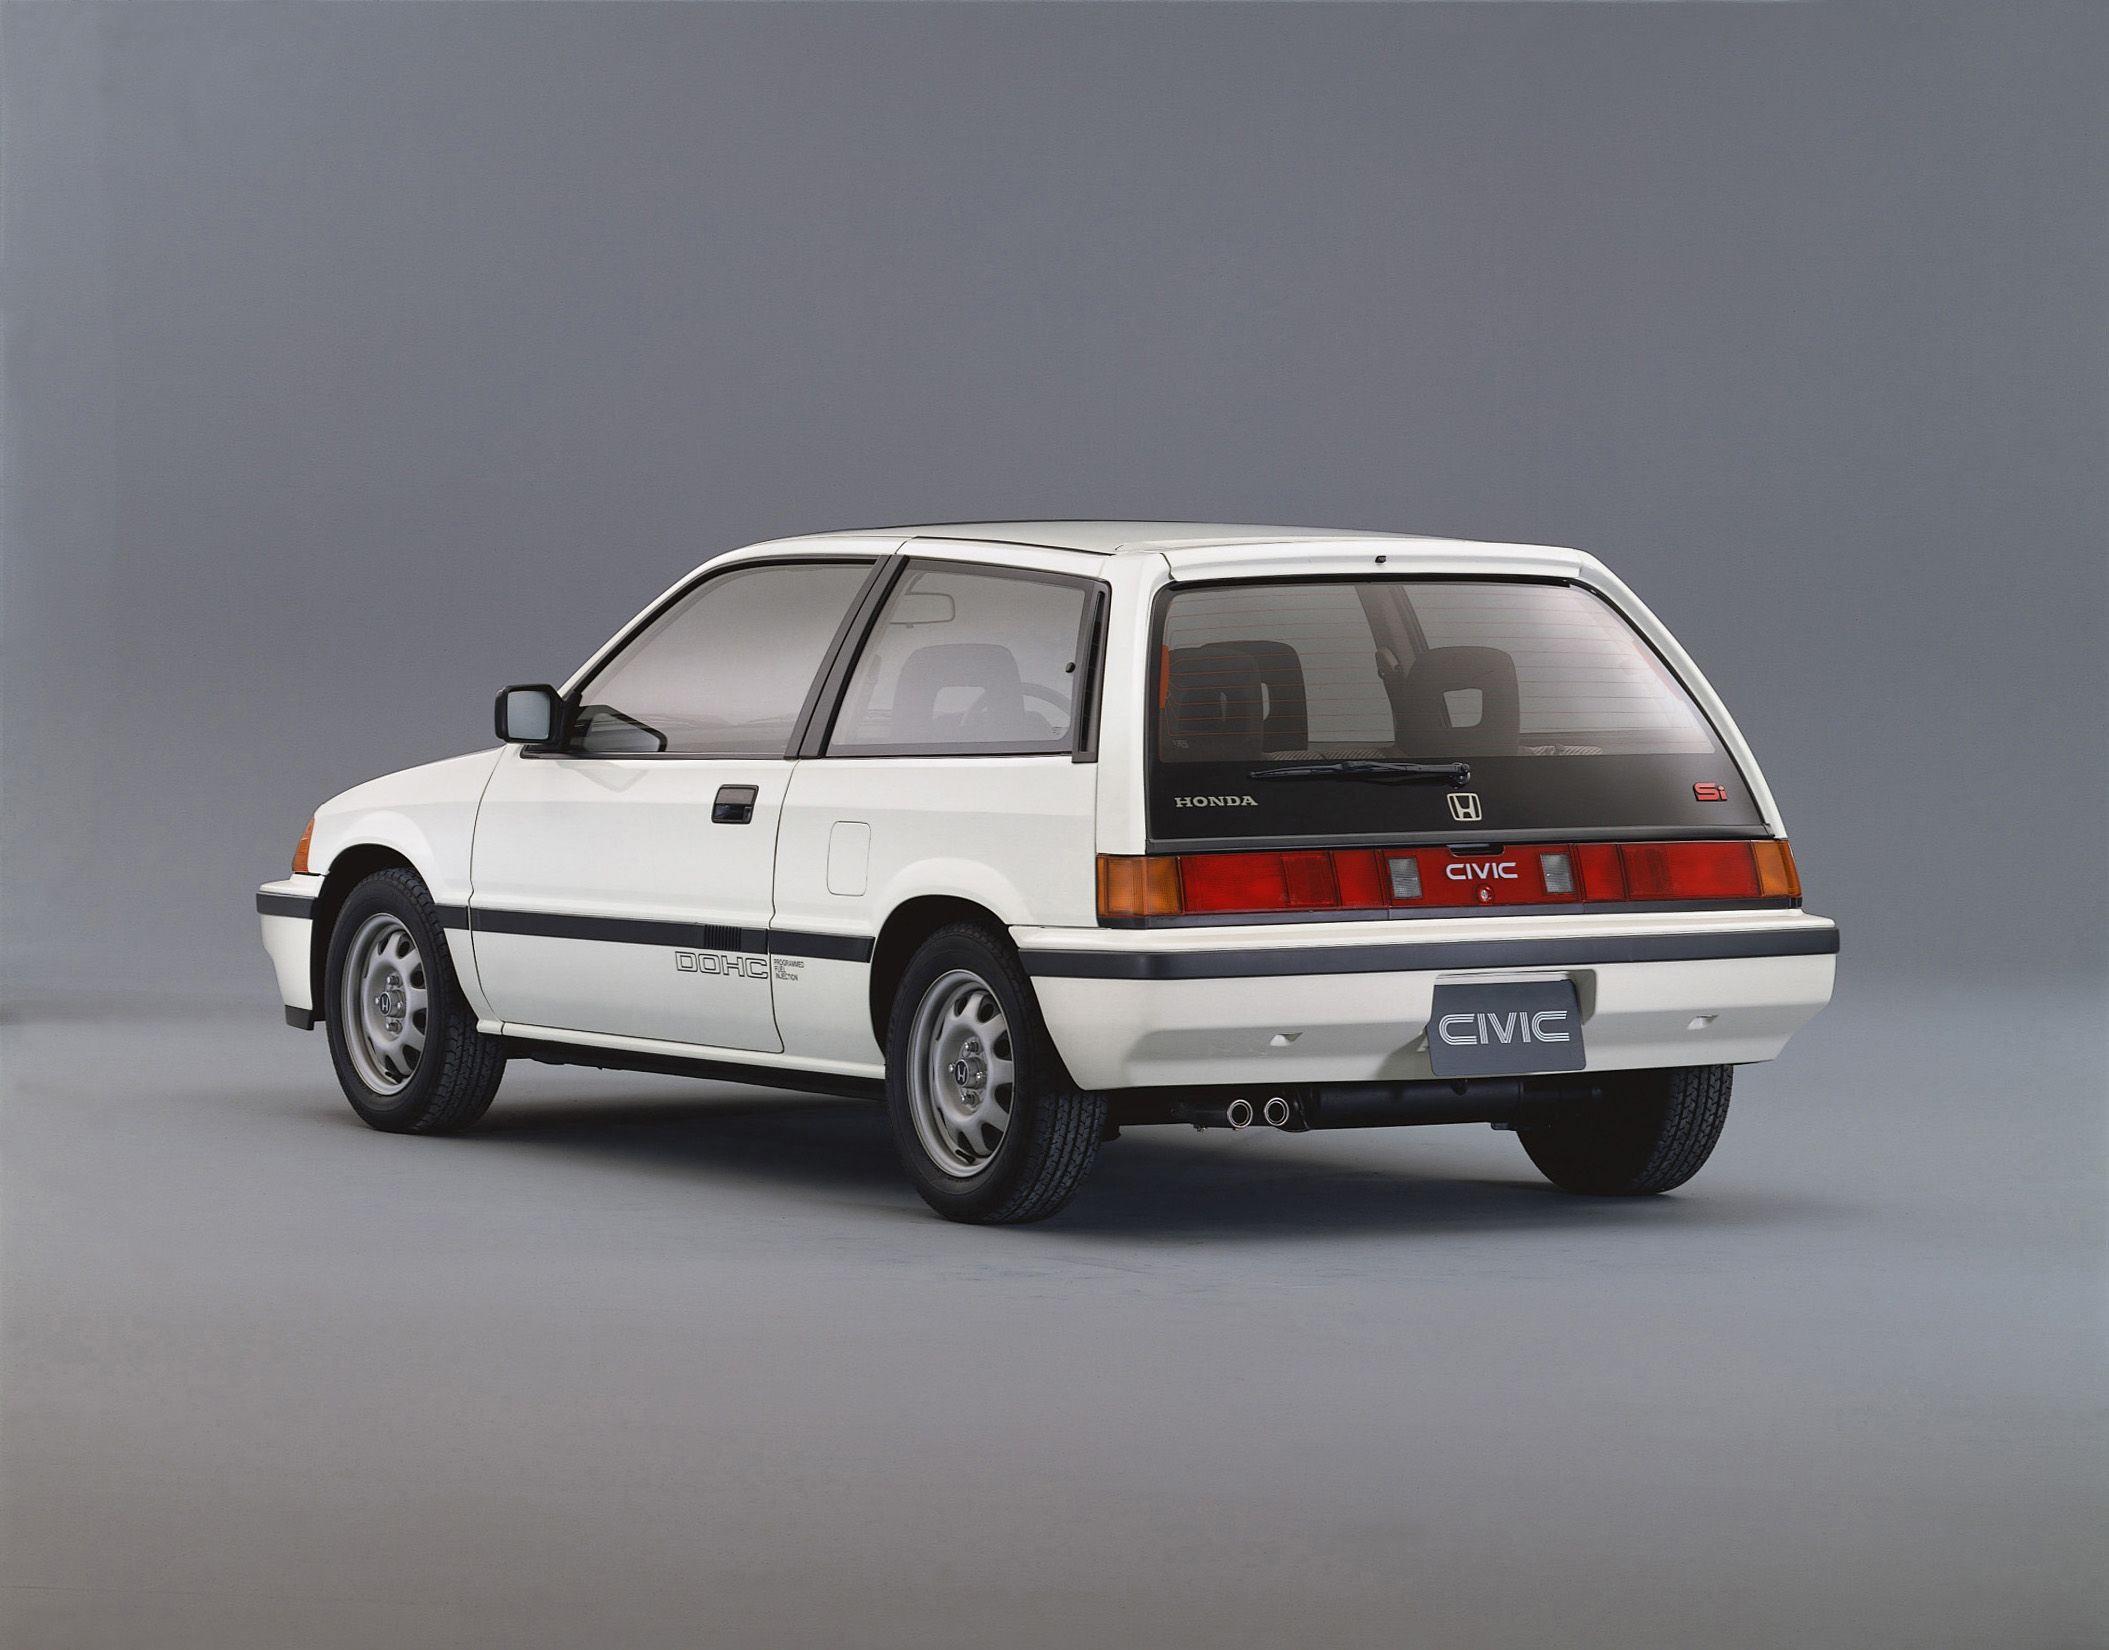 198587 Honda Civic Si Hatchback Honda civic si